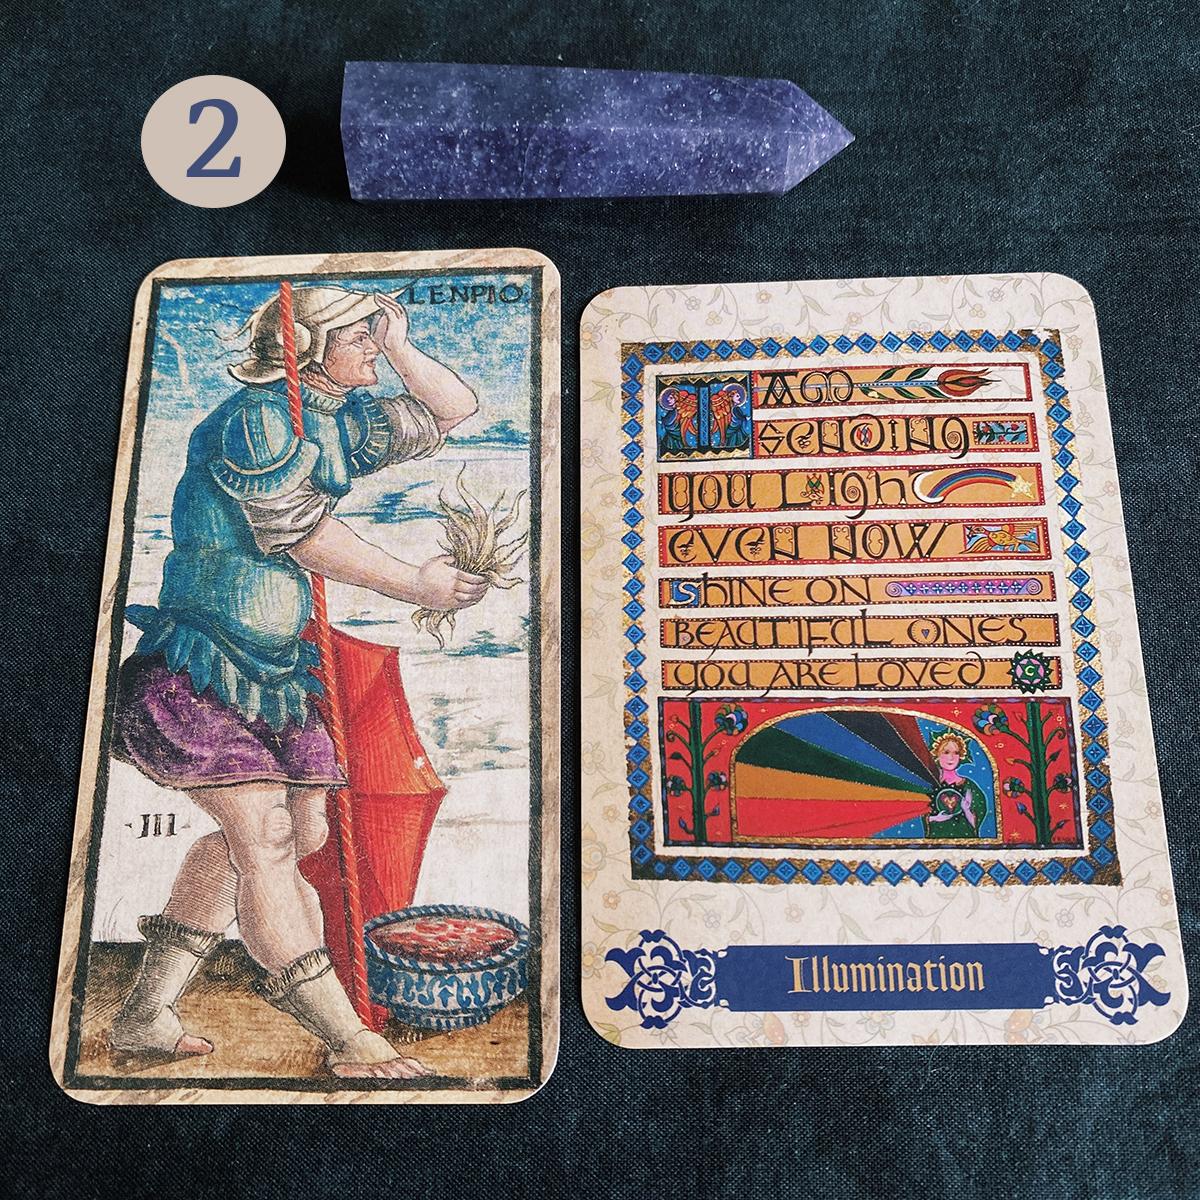 Rút Bài Oracle: Bạn Cần Thay Đổi Điều Gì Ở Bản Thân?